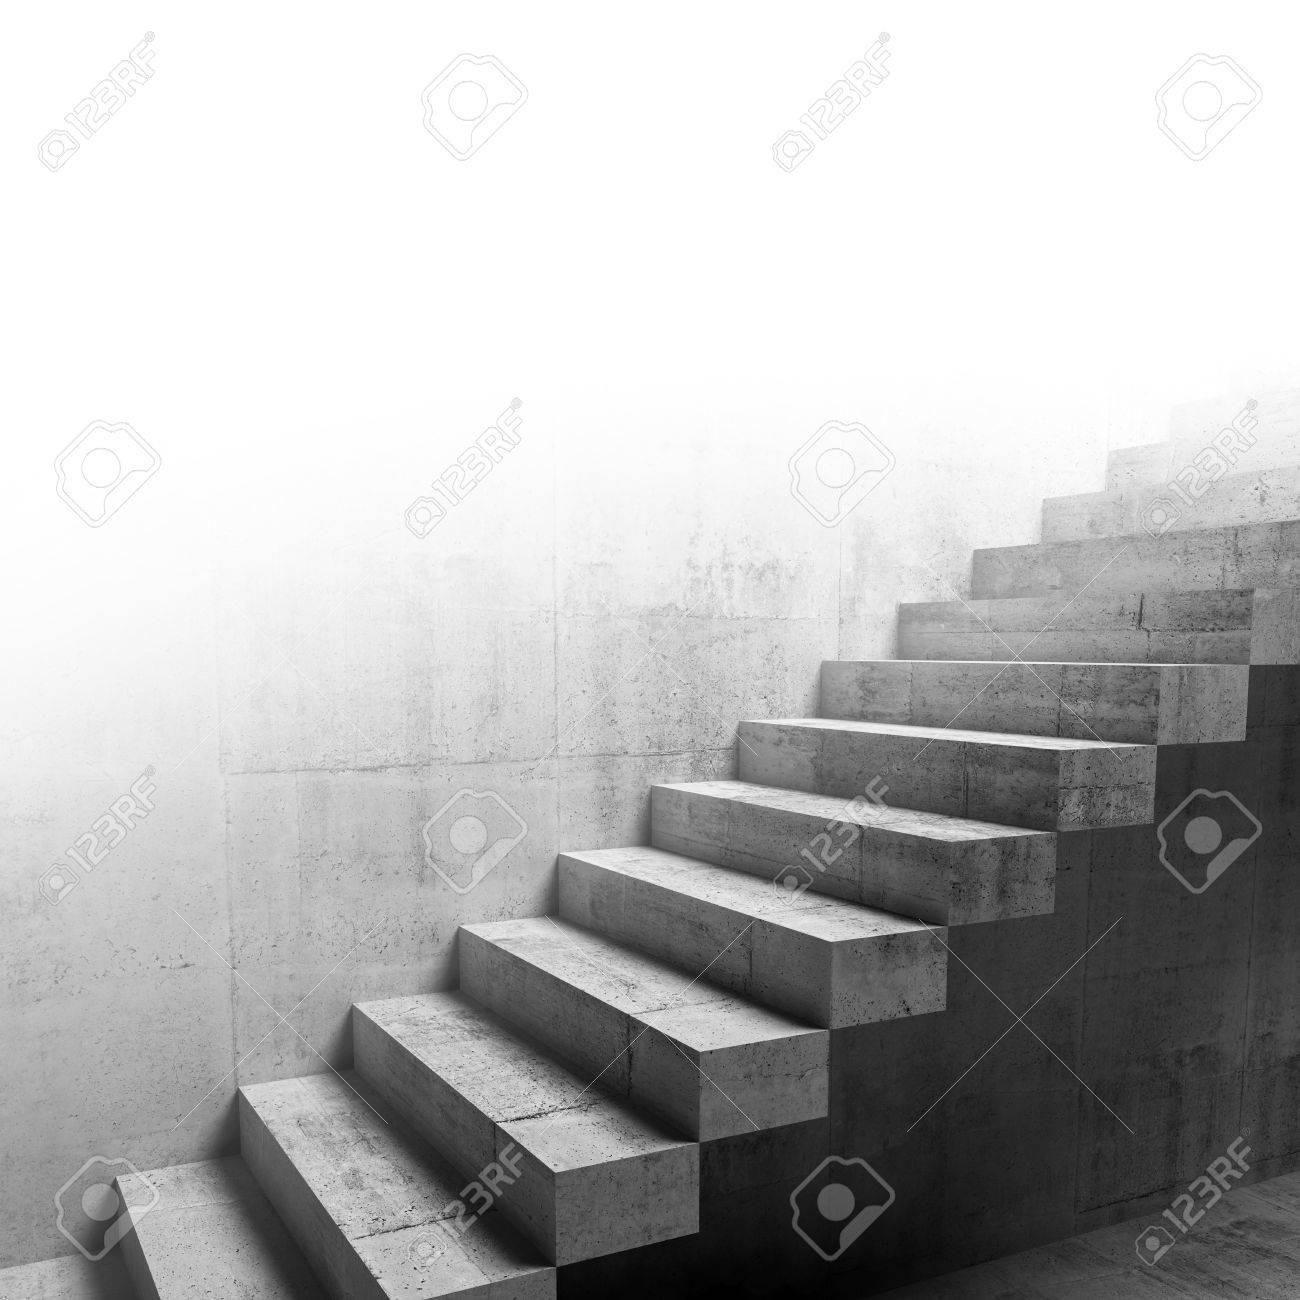 Abstract Fragment Intérieur Du Béton, La Construction Des Escaliers En  Porte à Faux Sur Le